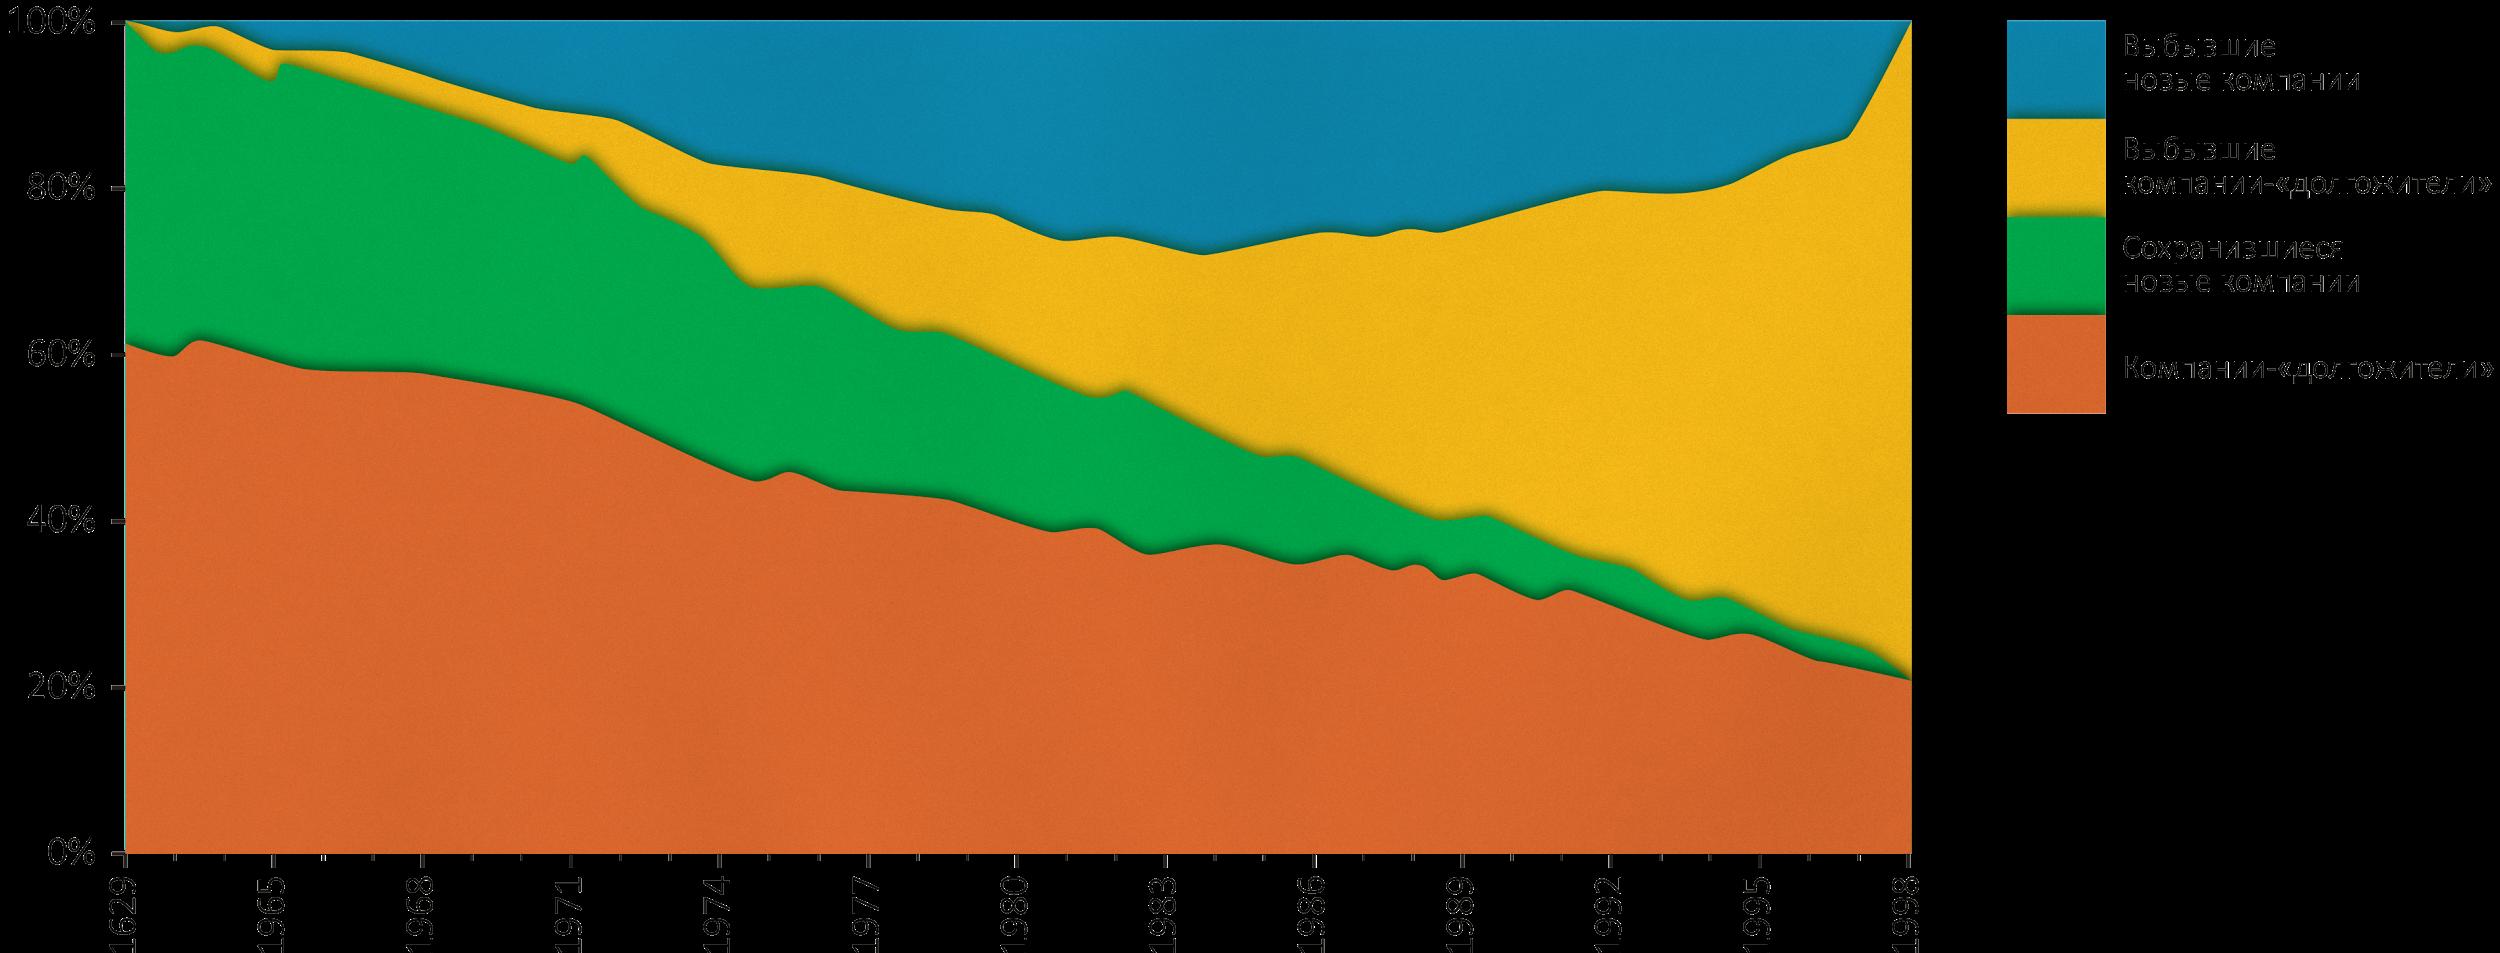 Статистика от консалтинговой компании «McKinsey»